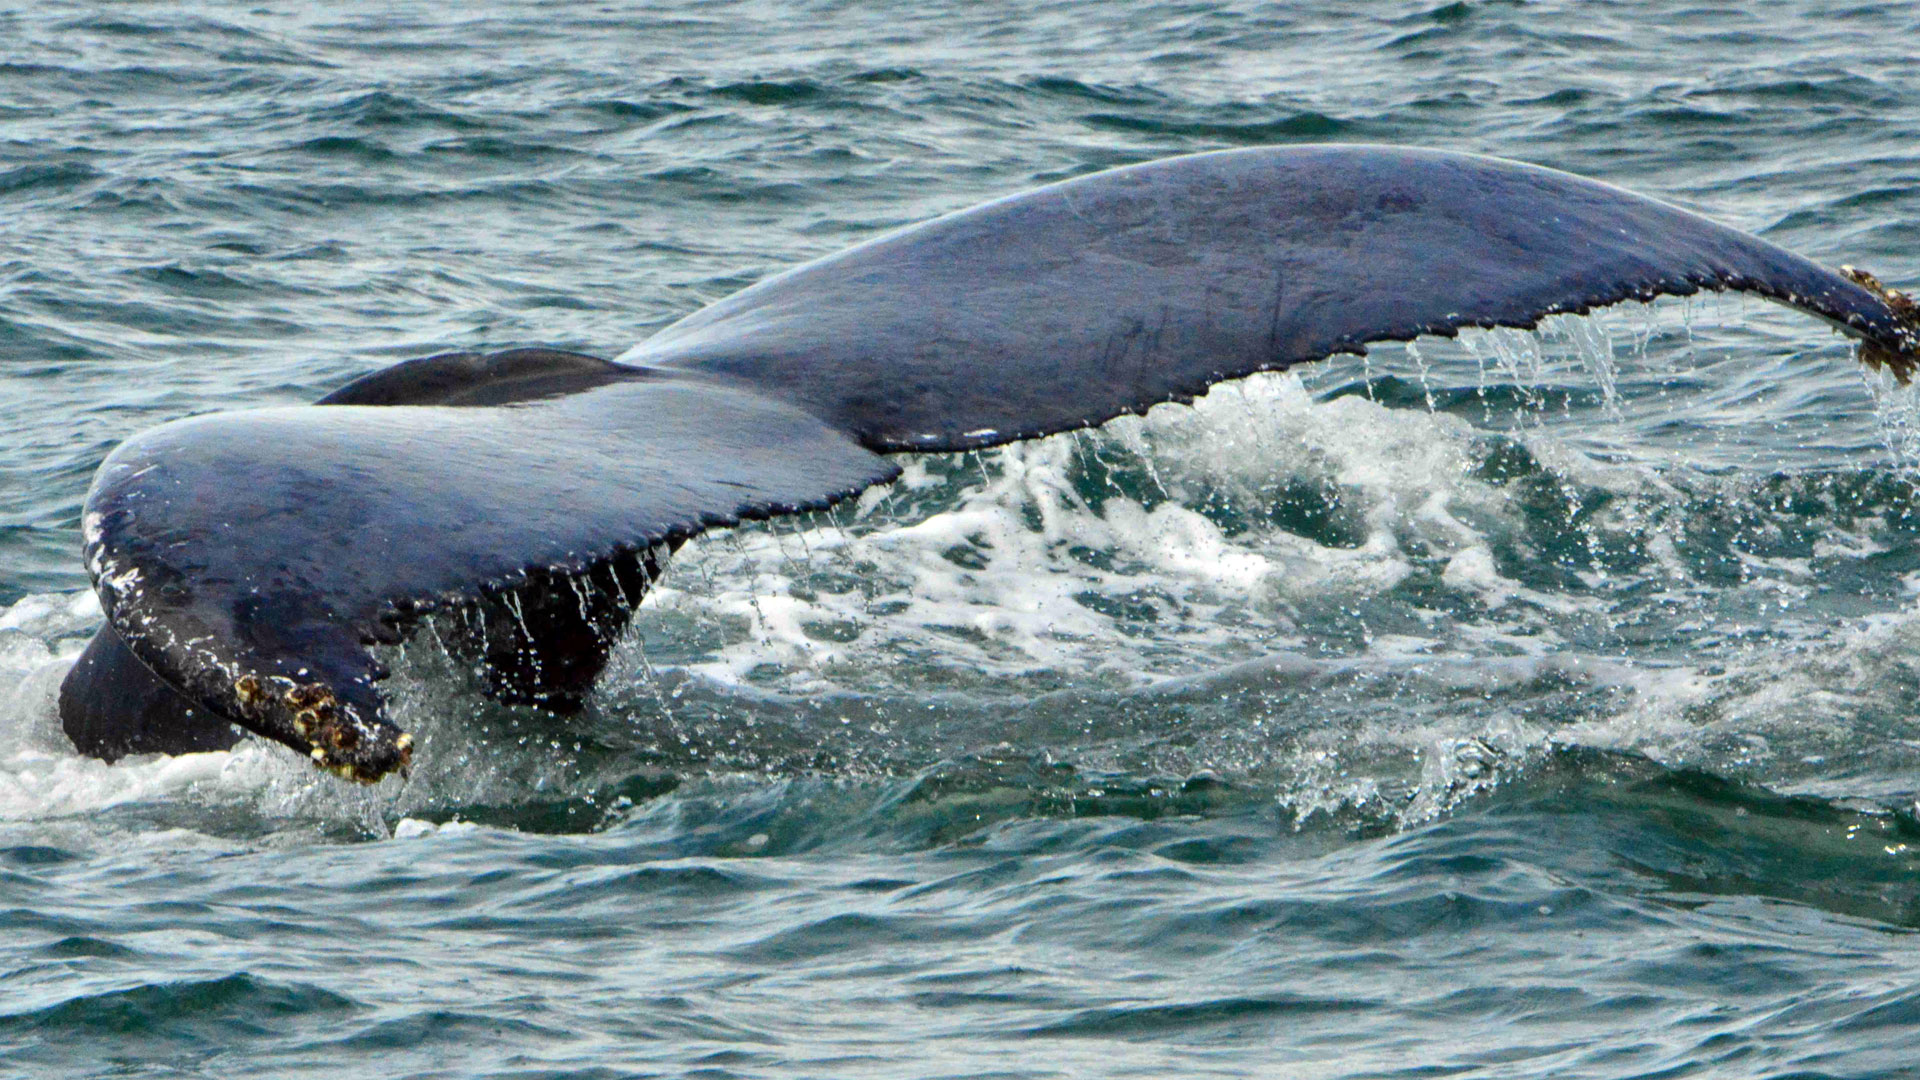 Fotografía de la cola de una ballena